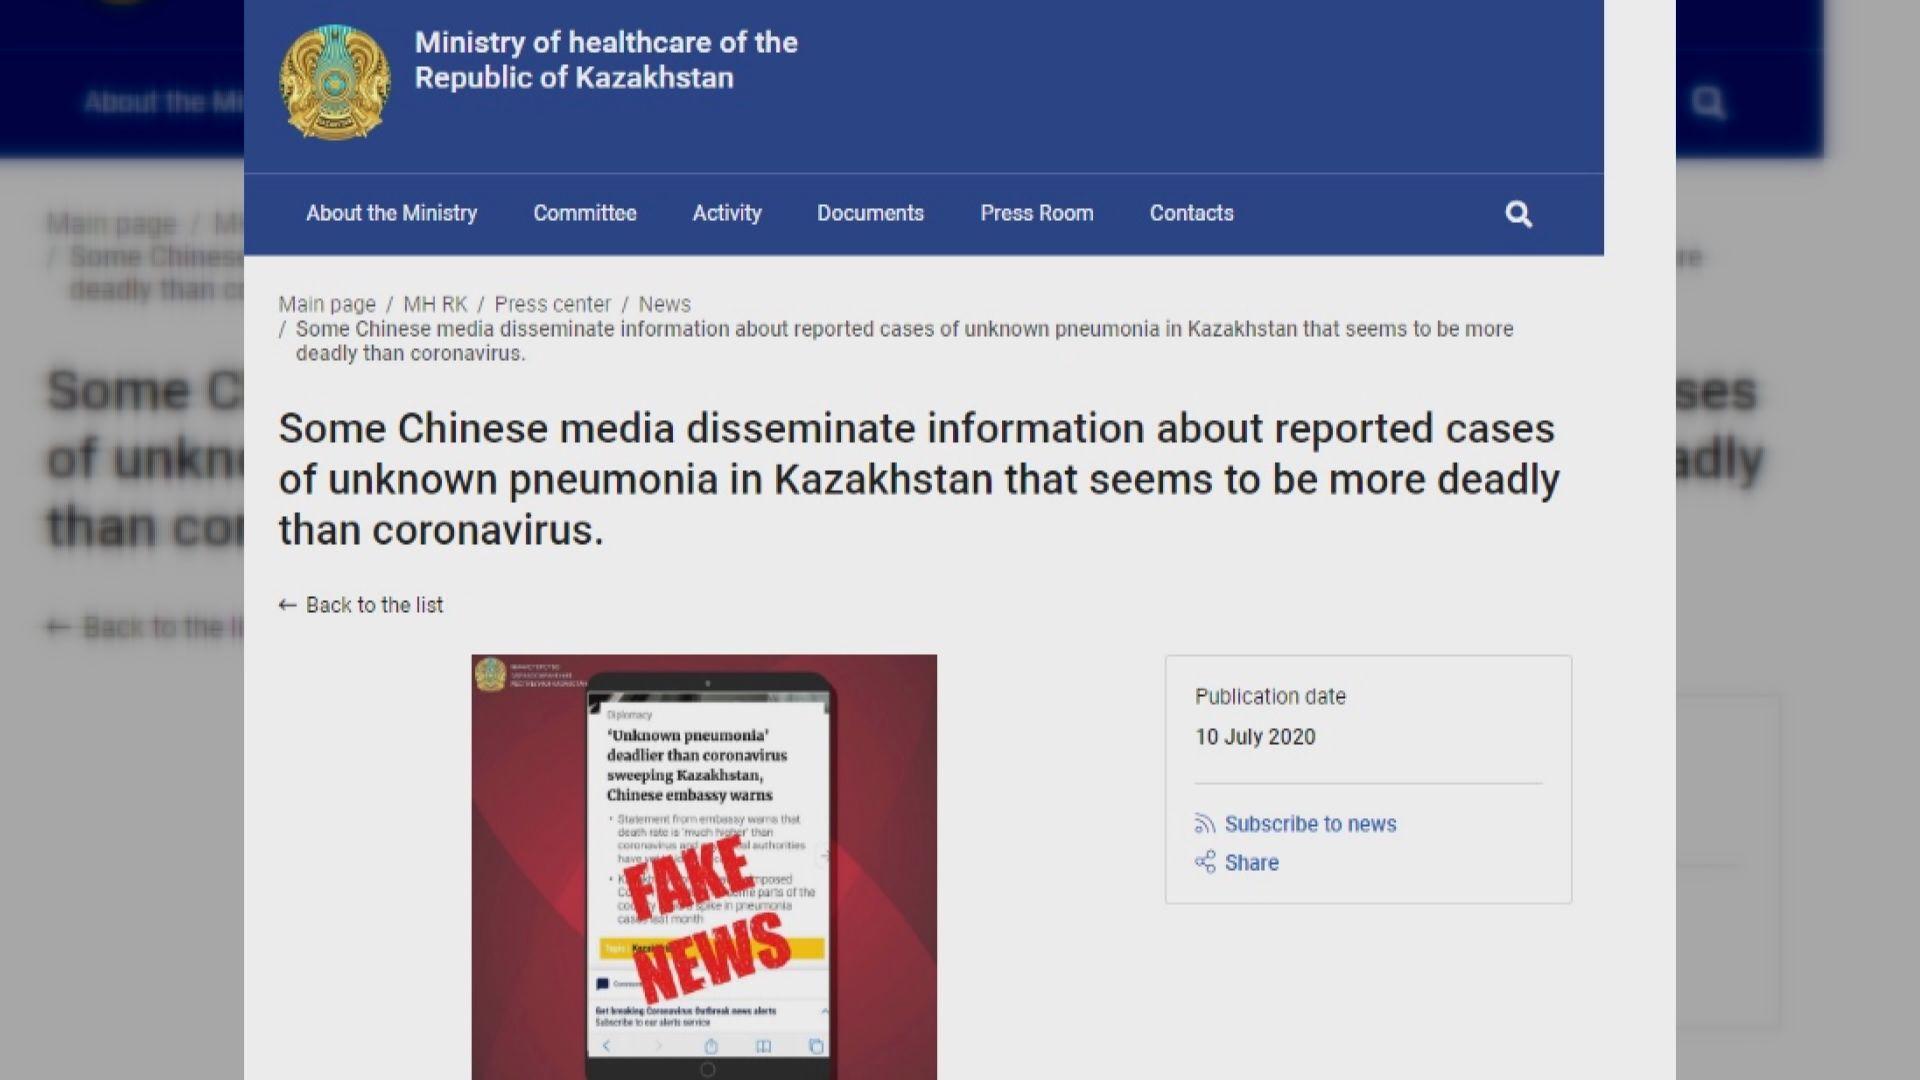 哈薩克反駁中國傳媒不明原因肺炎報道不實